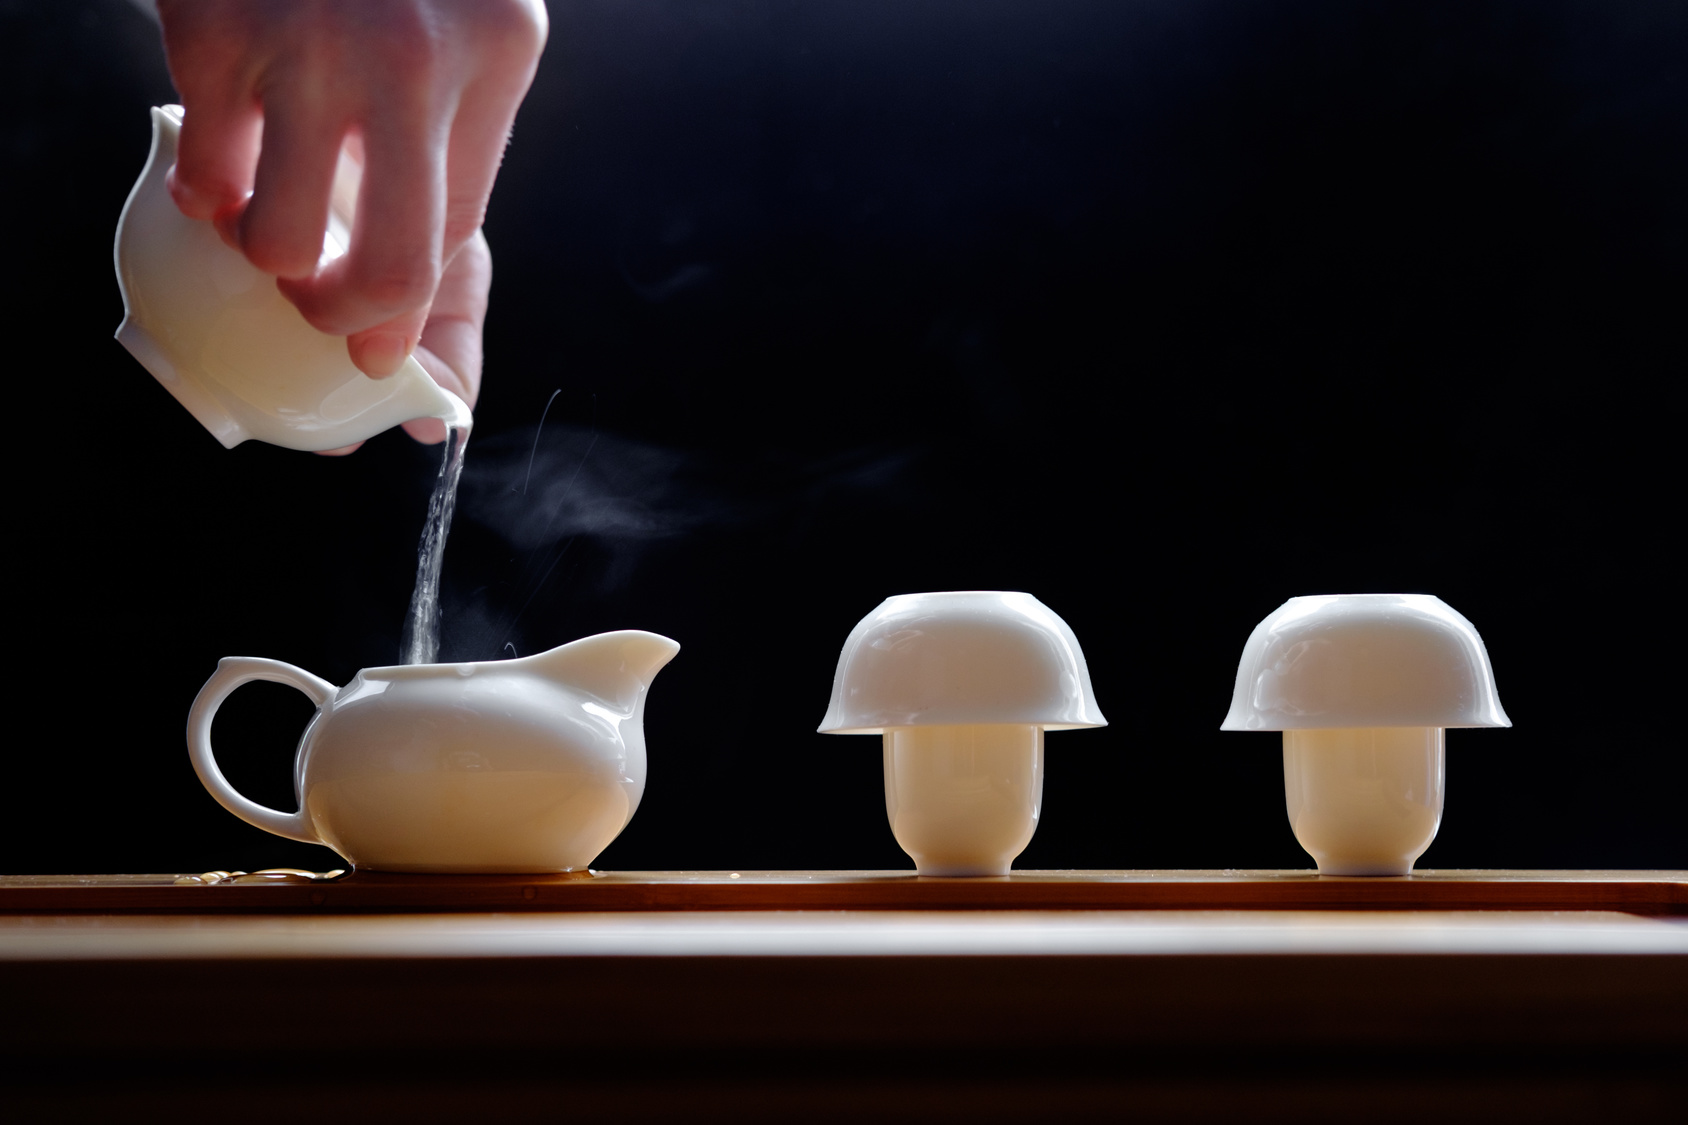 té sommelier